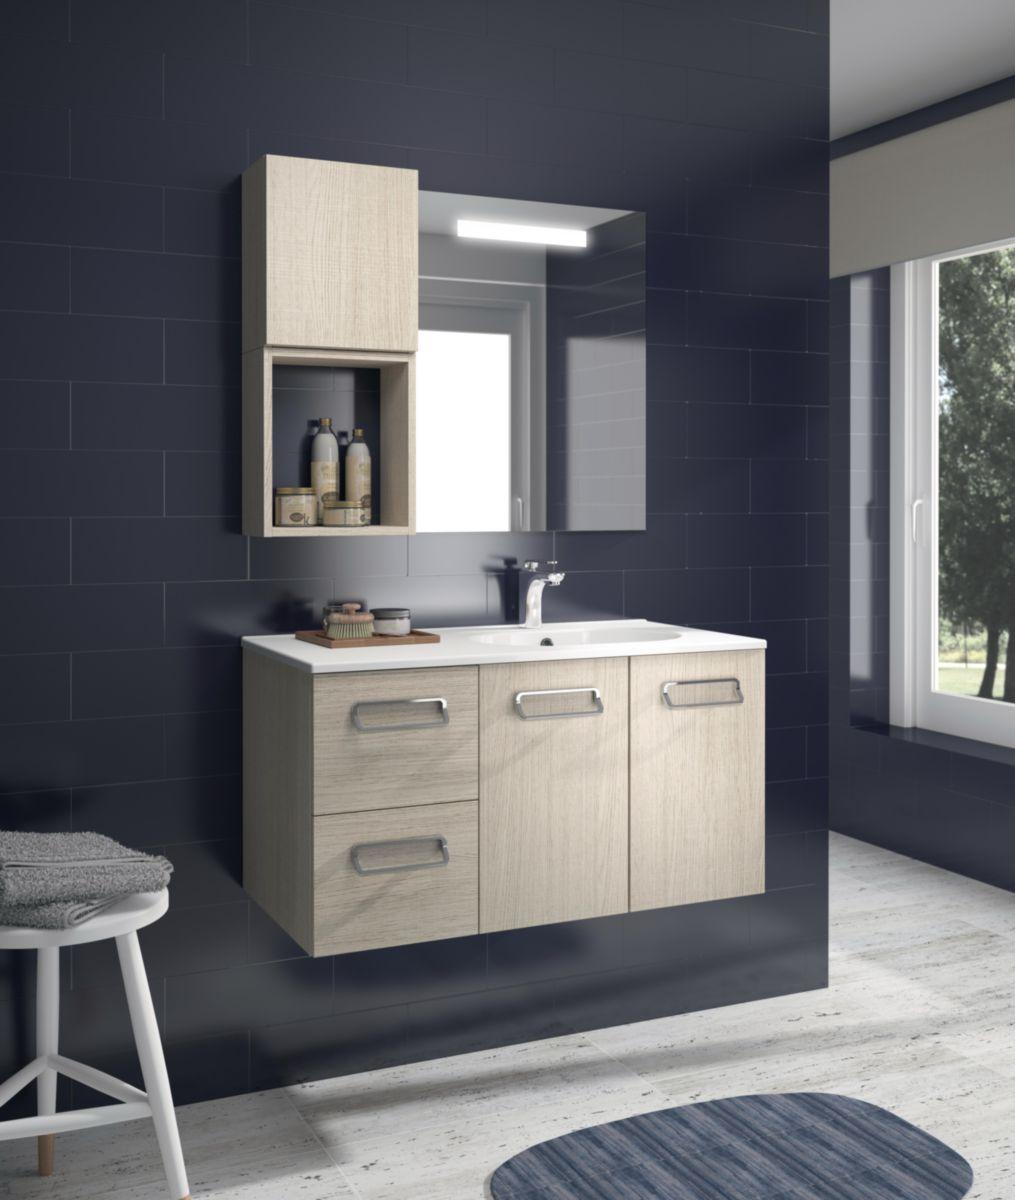 Alterna meuble sous vasque seducta 30 cm 2 tiroirs fr ne clair cedeo - Meuble salle de bain cedeo ...